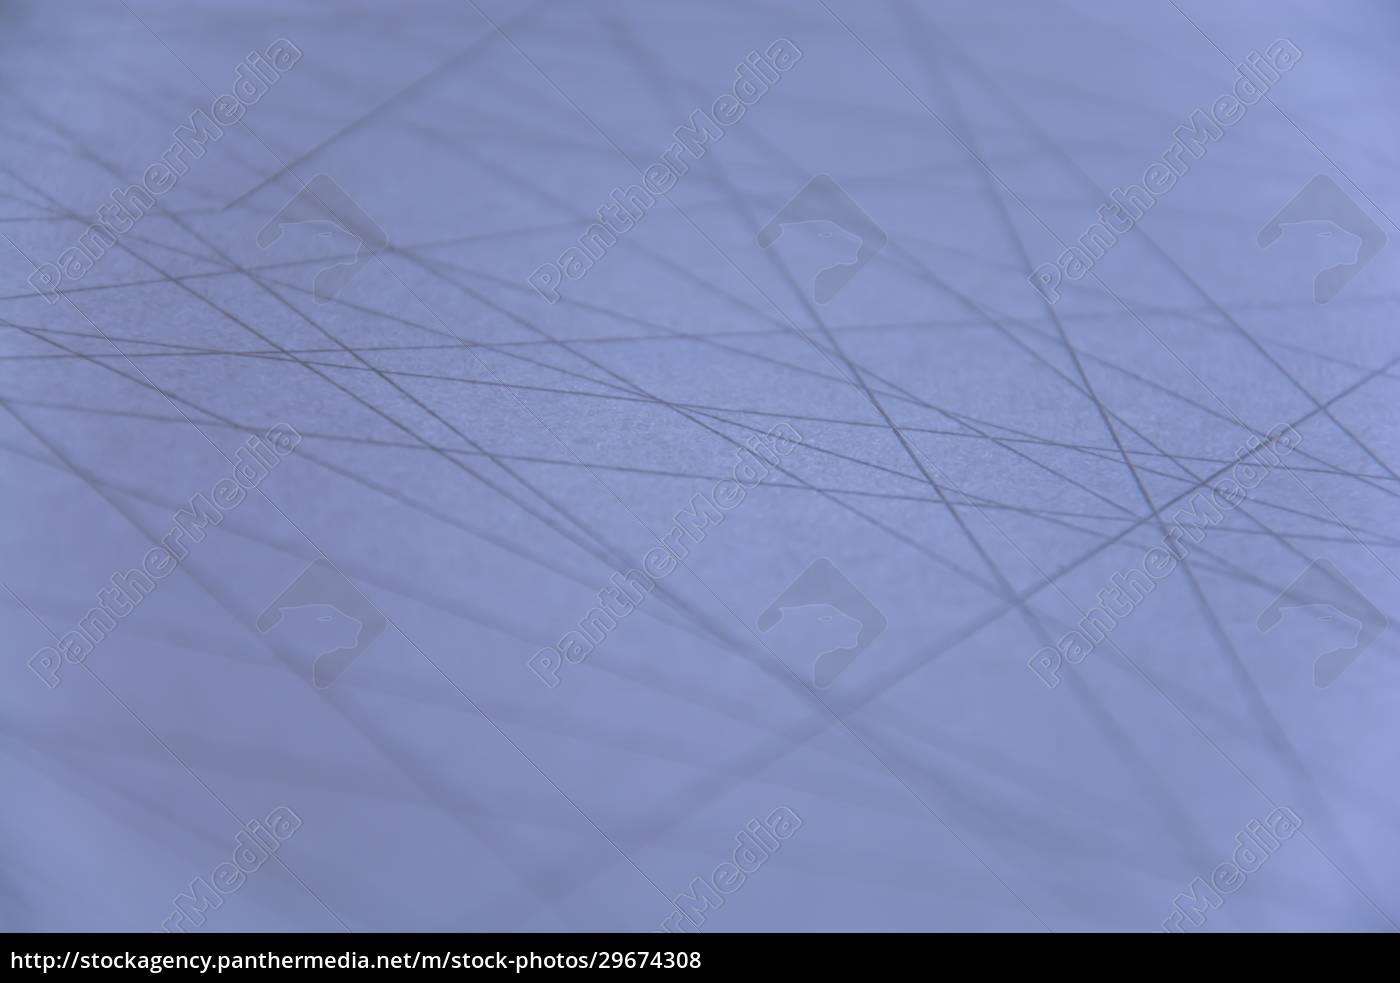 abstrakter, linienhintergrund - 29674308